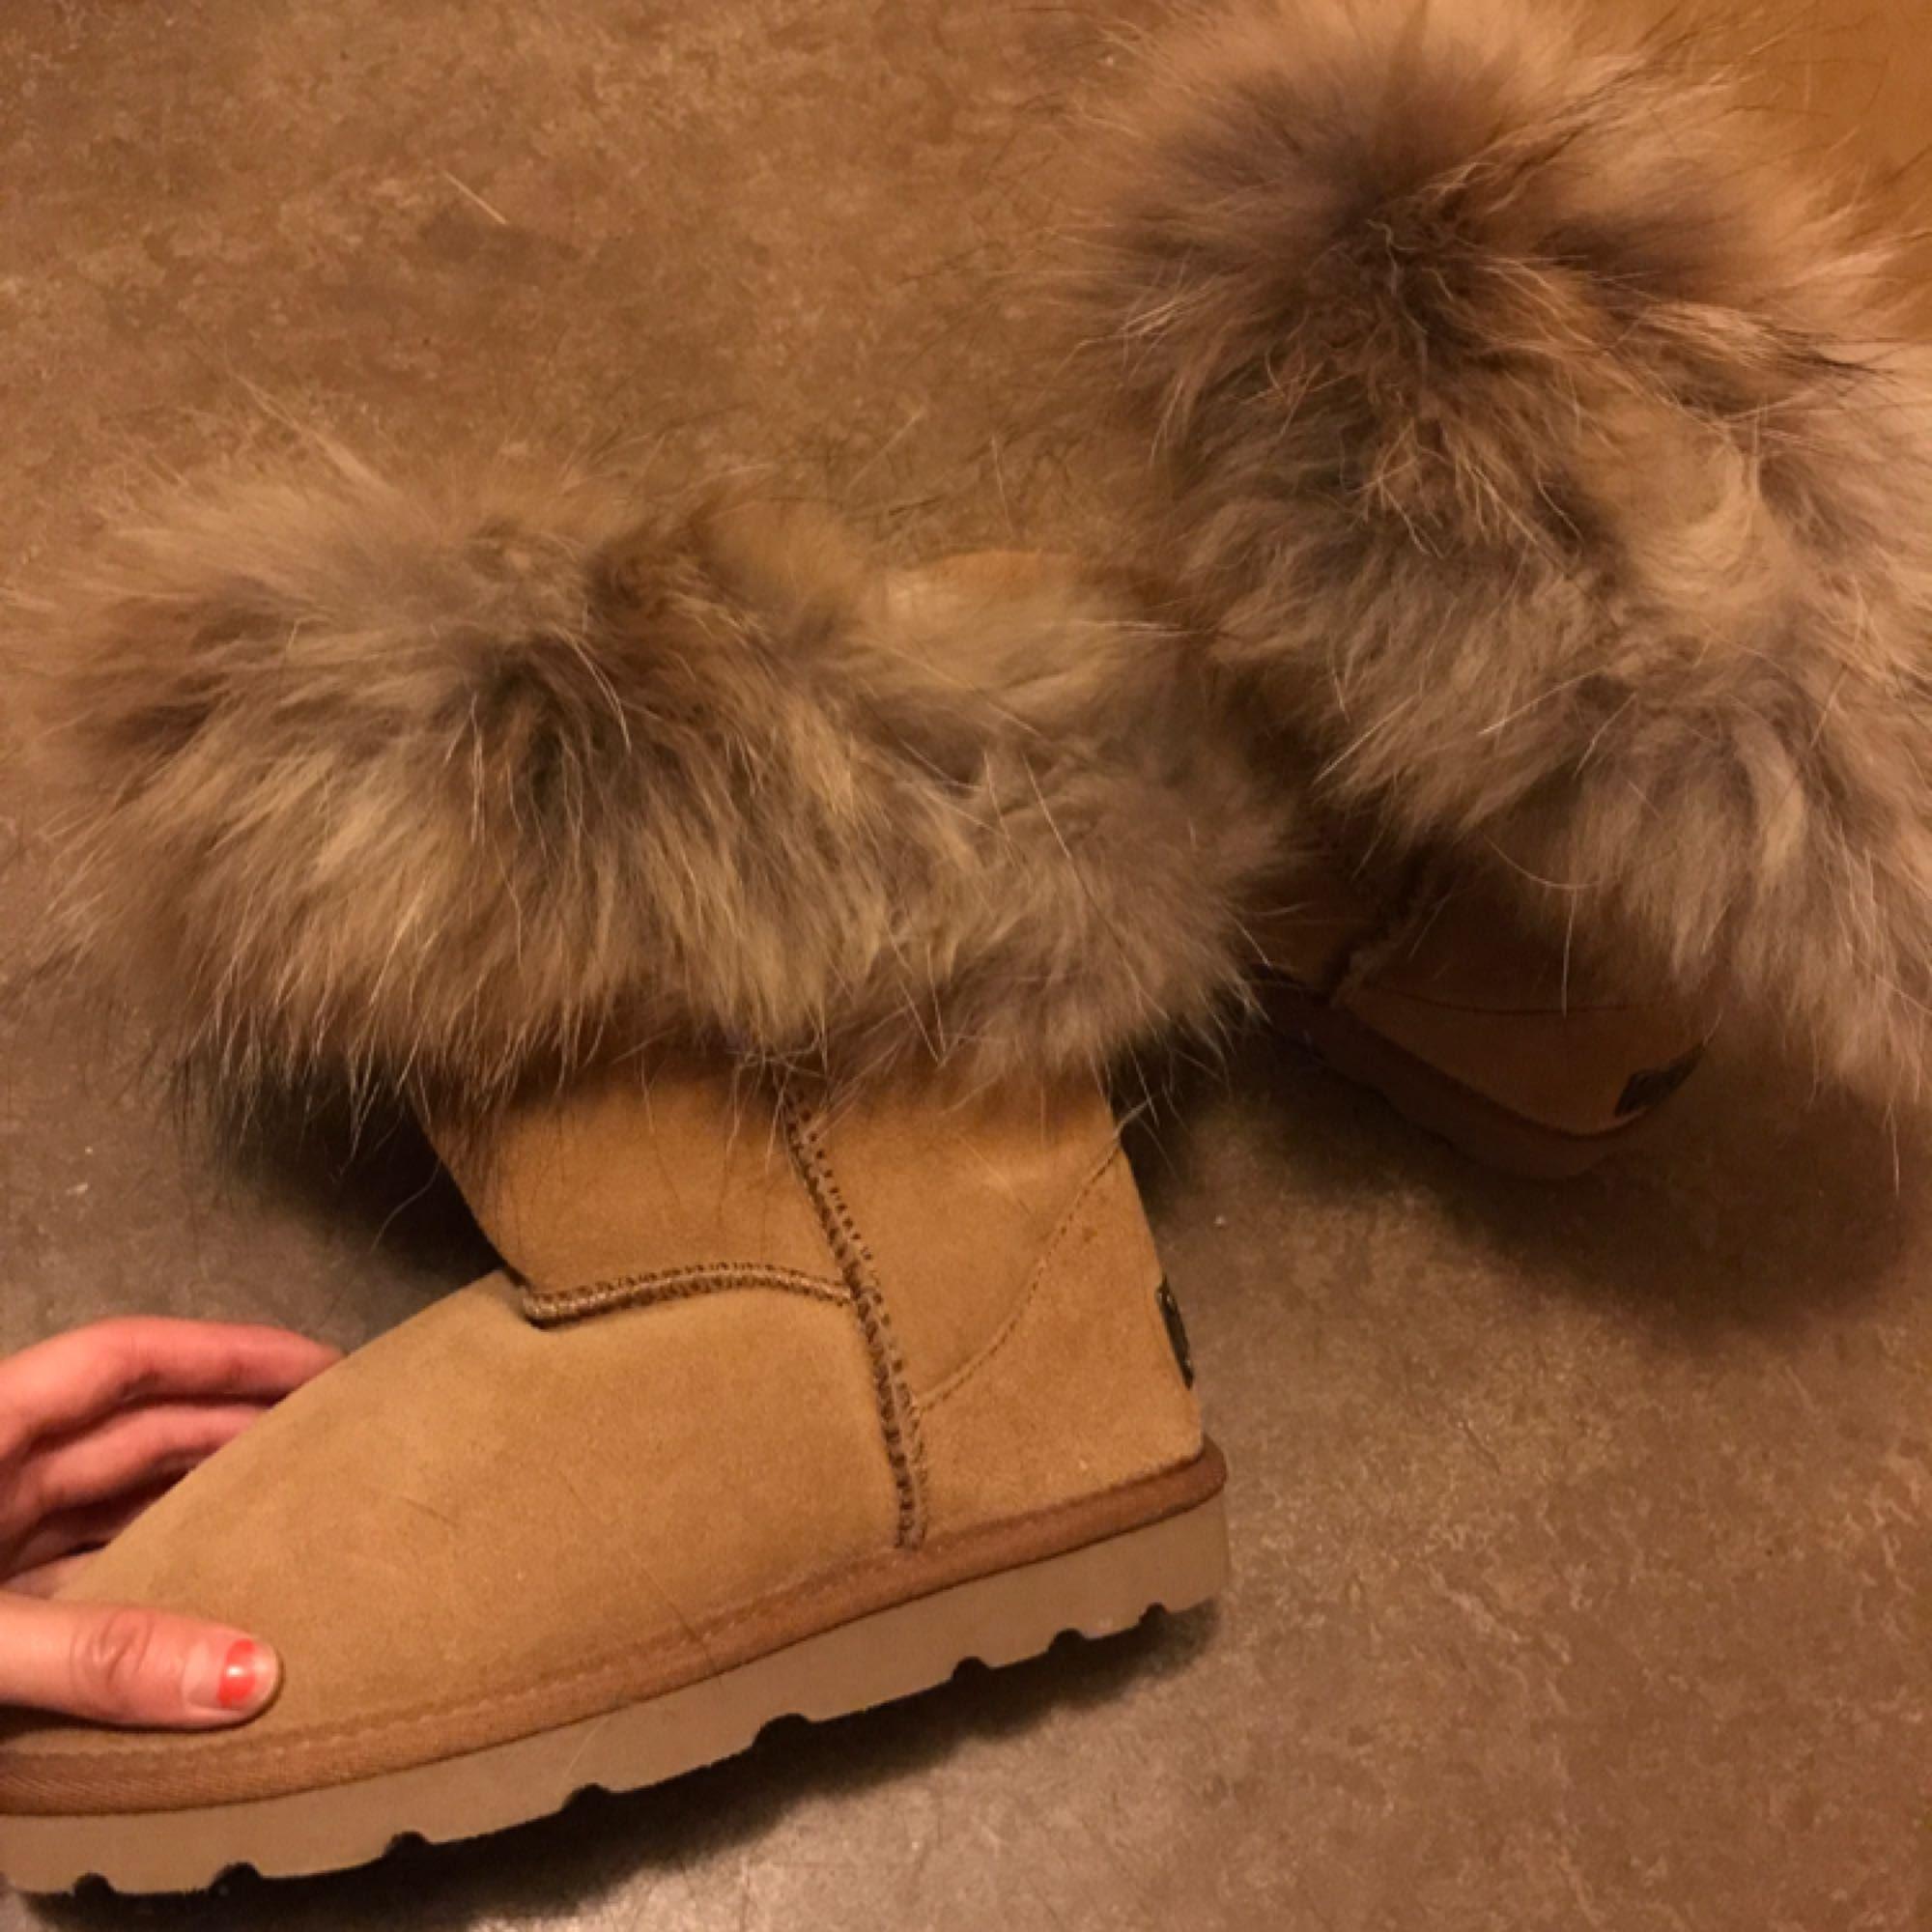 c55a7a9f80b ... Väldigt varma och sköna skor perfekt för vintern, dem är helt nya,  säljer pga